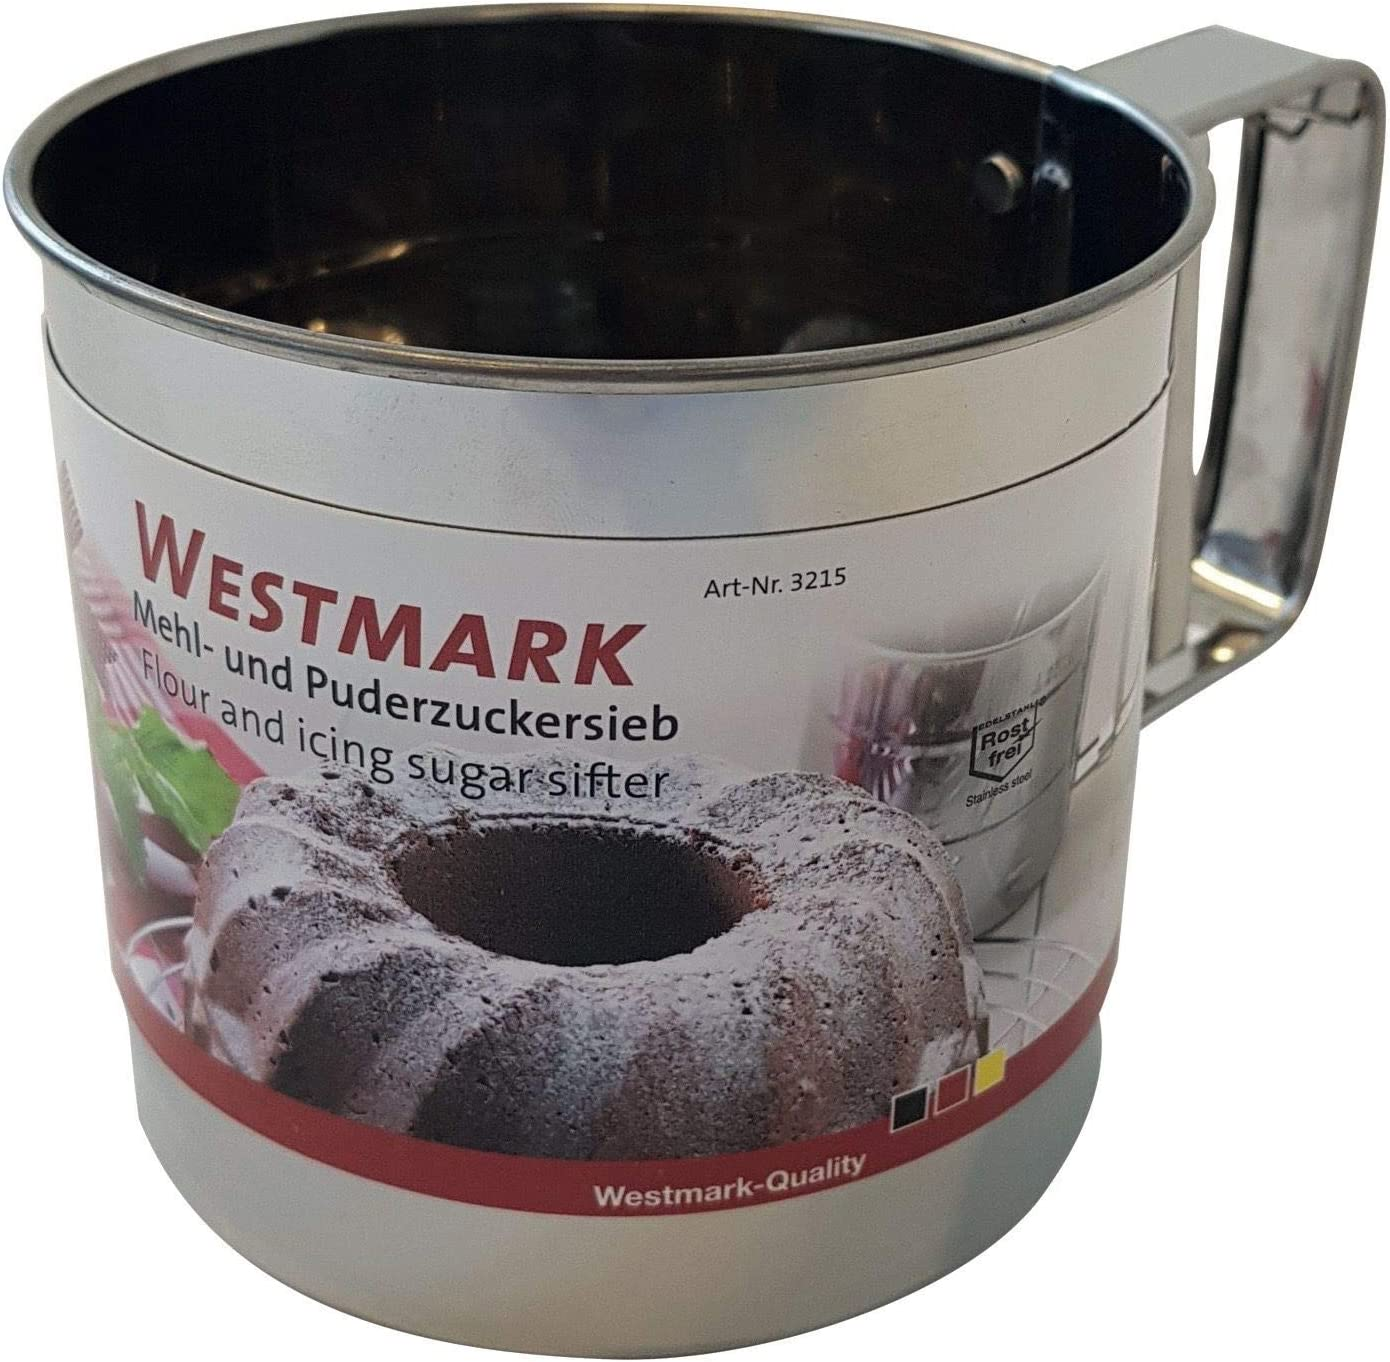 Westmark Mehl- und Puderzuckersieb mit Griff Kunststoff 32142270 F/ür 250 Gramm Mehl//Puderzucker Wei/ß//Rot